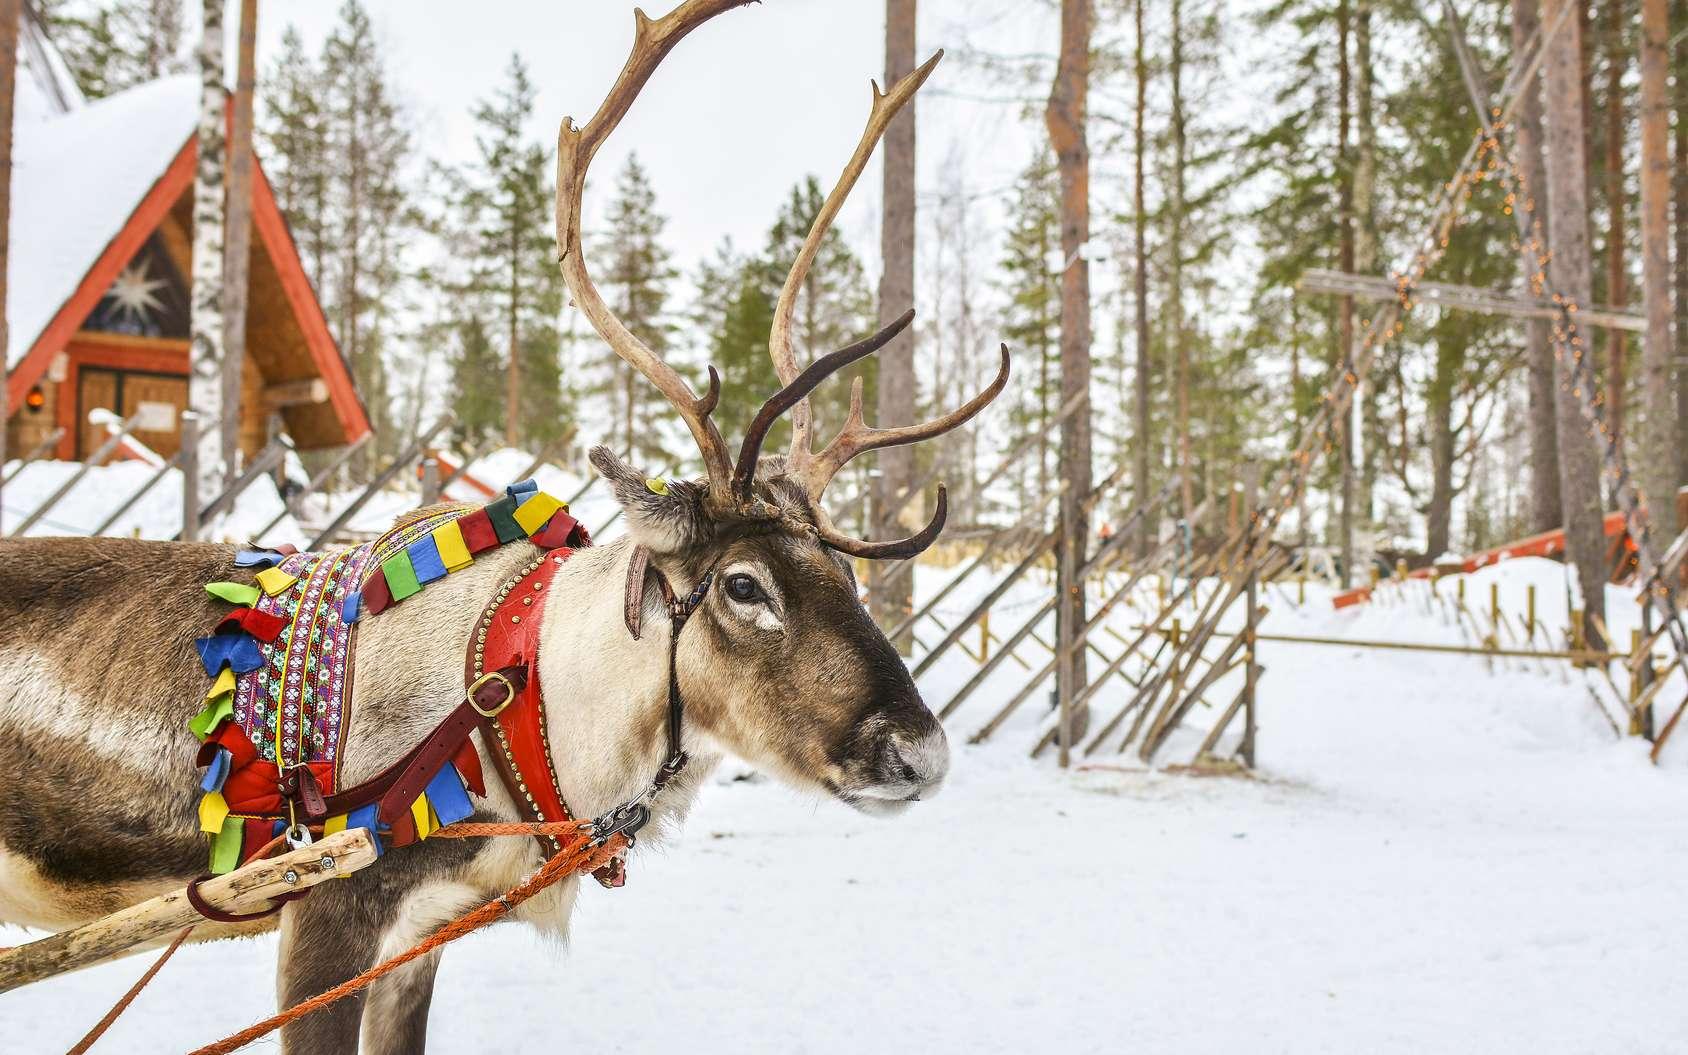 Les rennes tirent le traineau du père Noël. Les caribous, quant à eux, sont restés plus sauvages. © Medeya, Fotolia